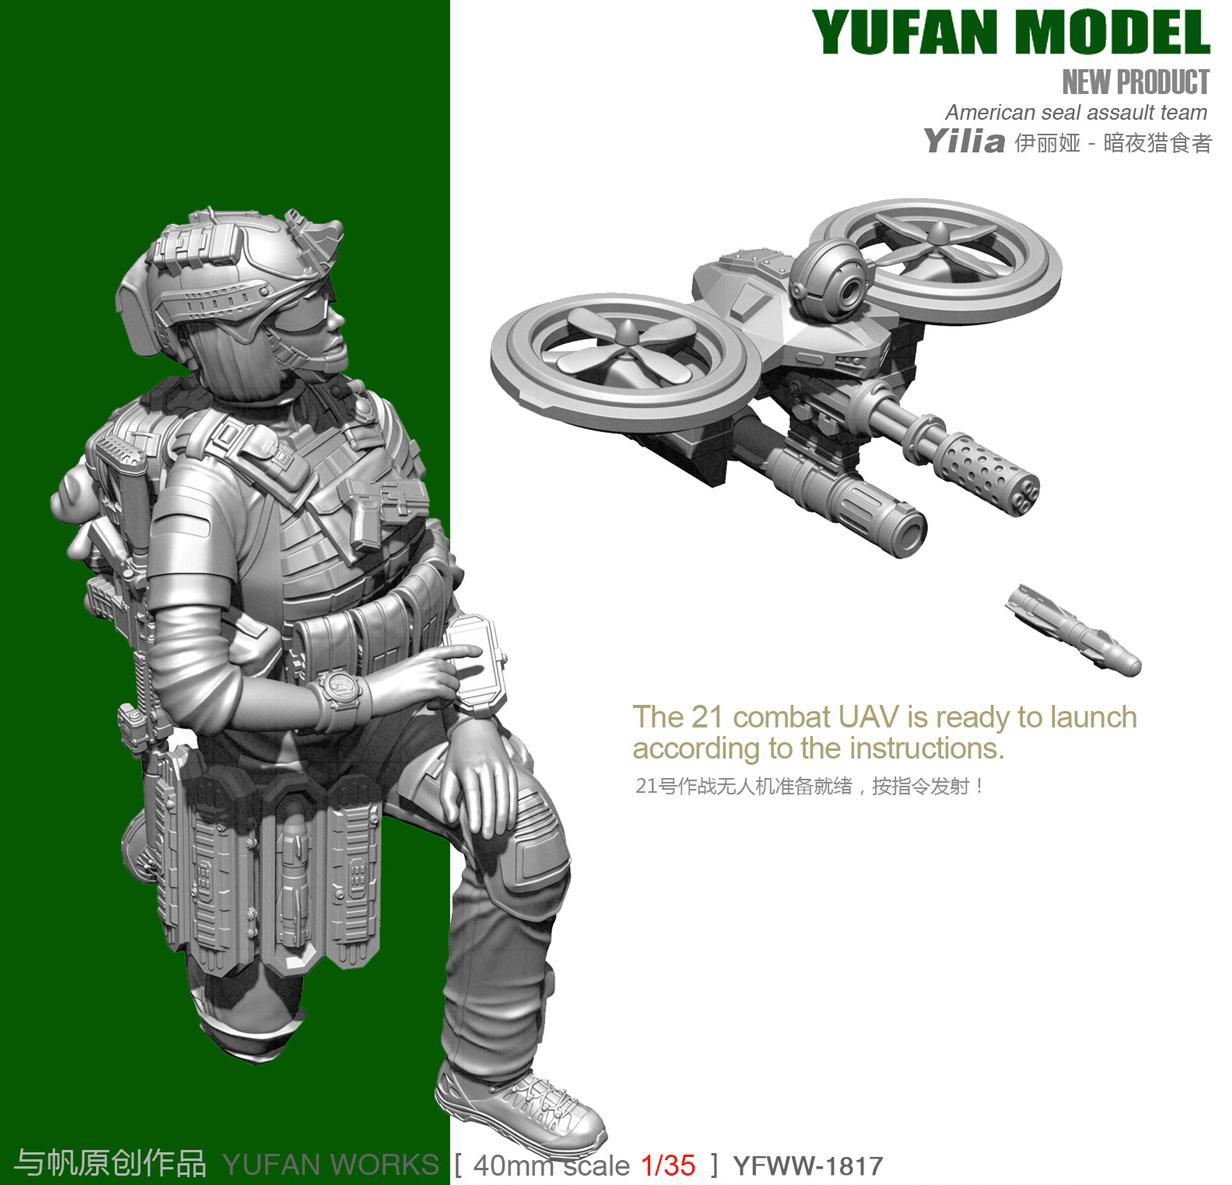 Yufan Model 1/35 Resin Soldier Model Kit Figure U.S Female Pilot And Drone YFWW35-1817